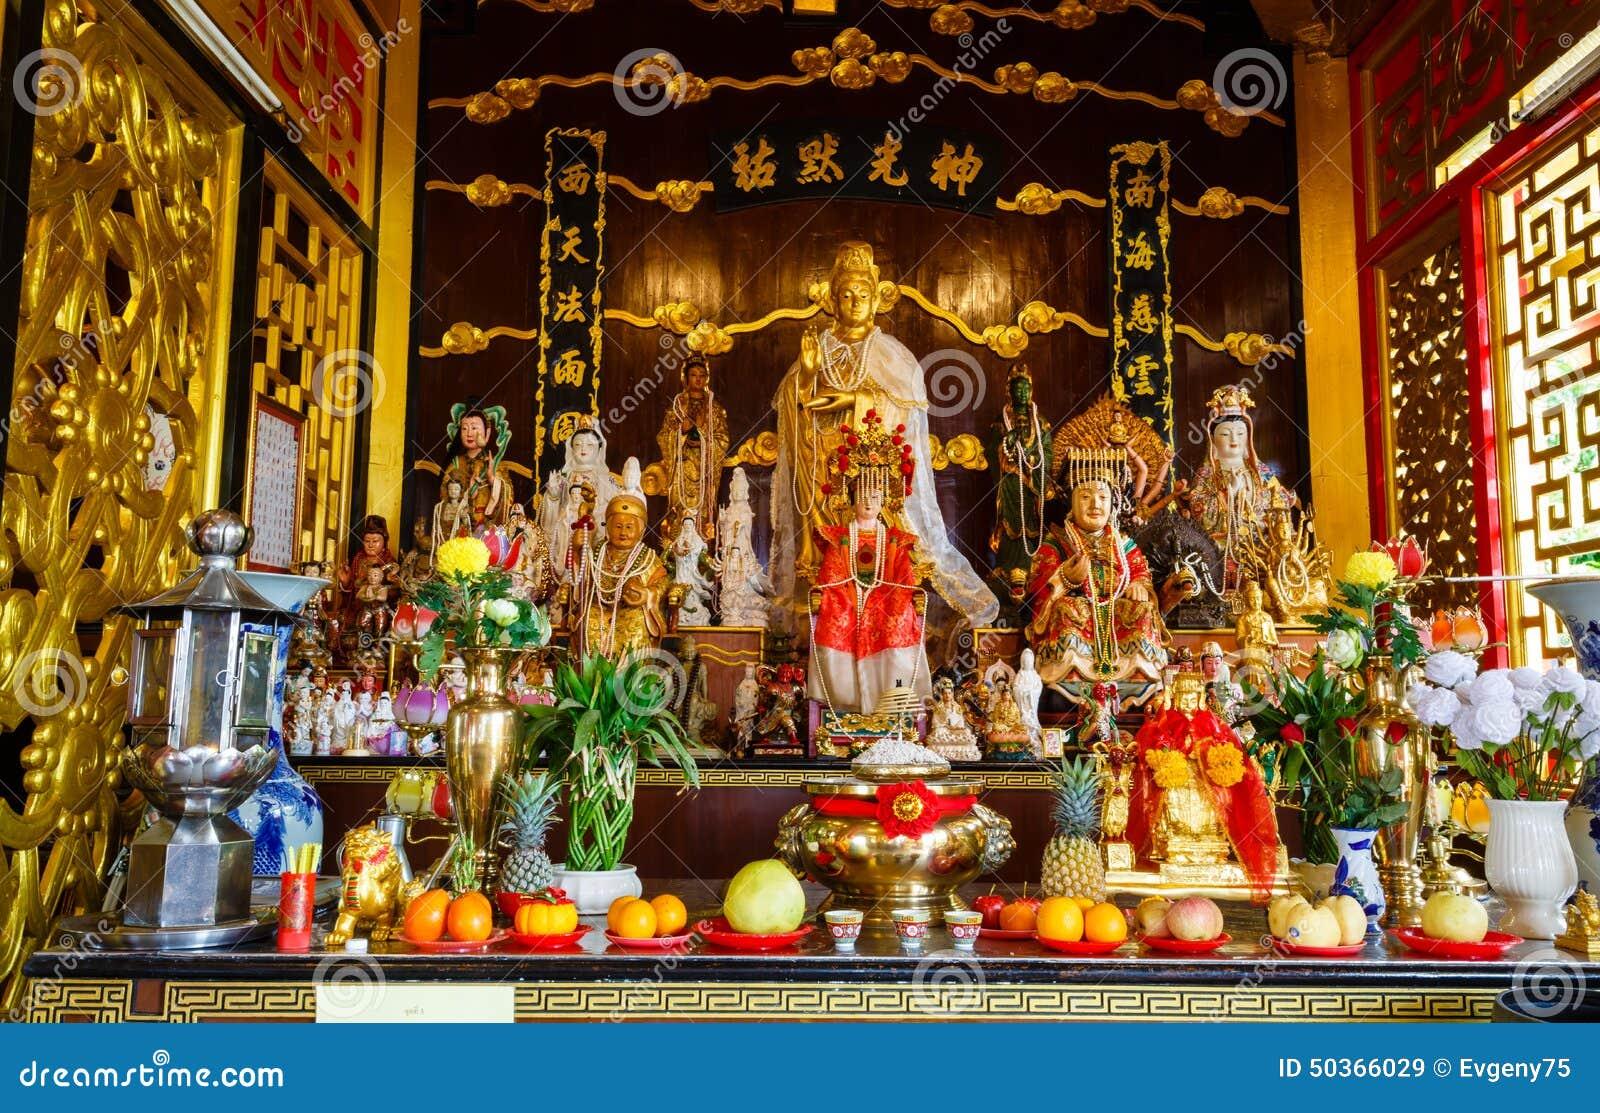 celebration chinese new year temple saphan hin phuket thailand february 50366029 - Chinese New Year Celebration